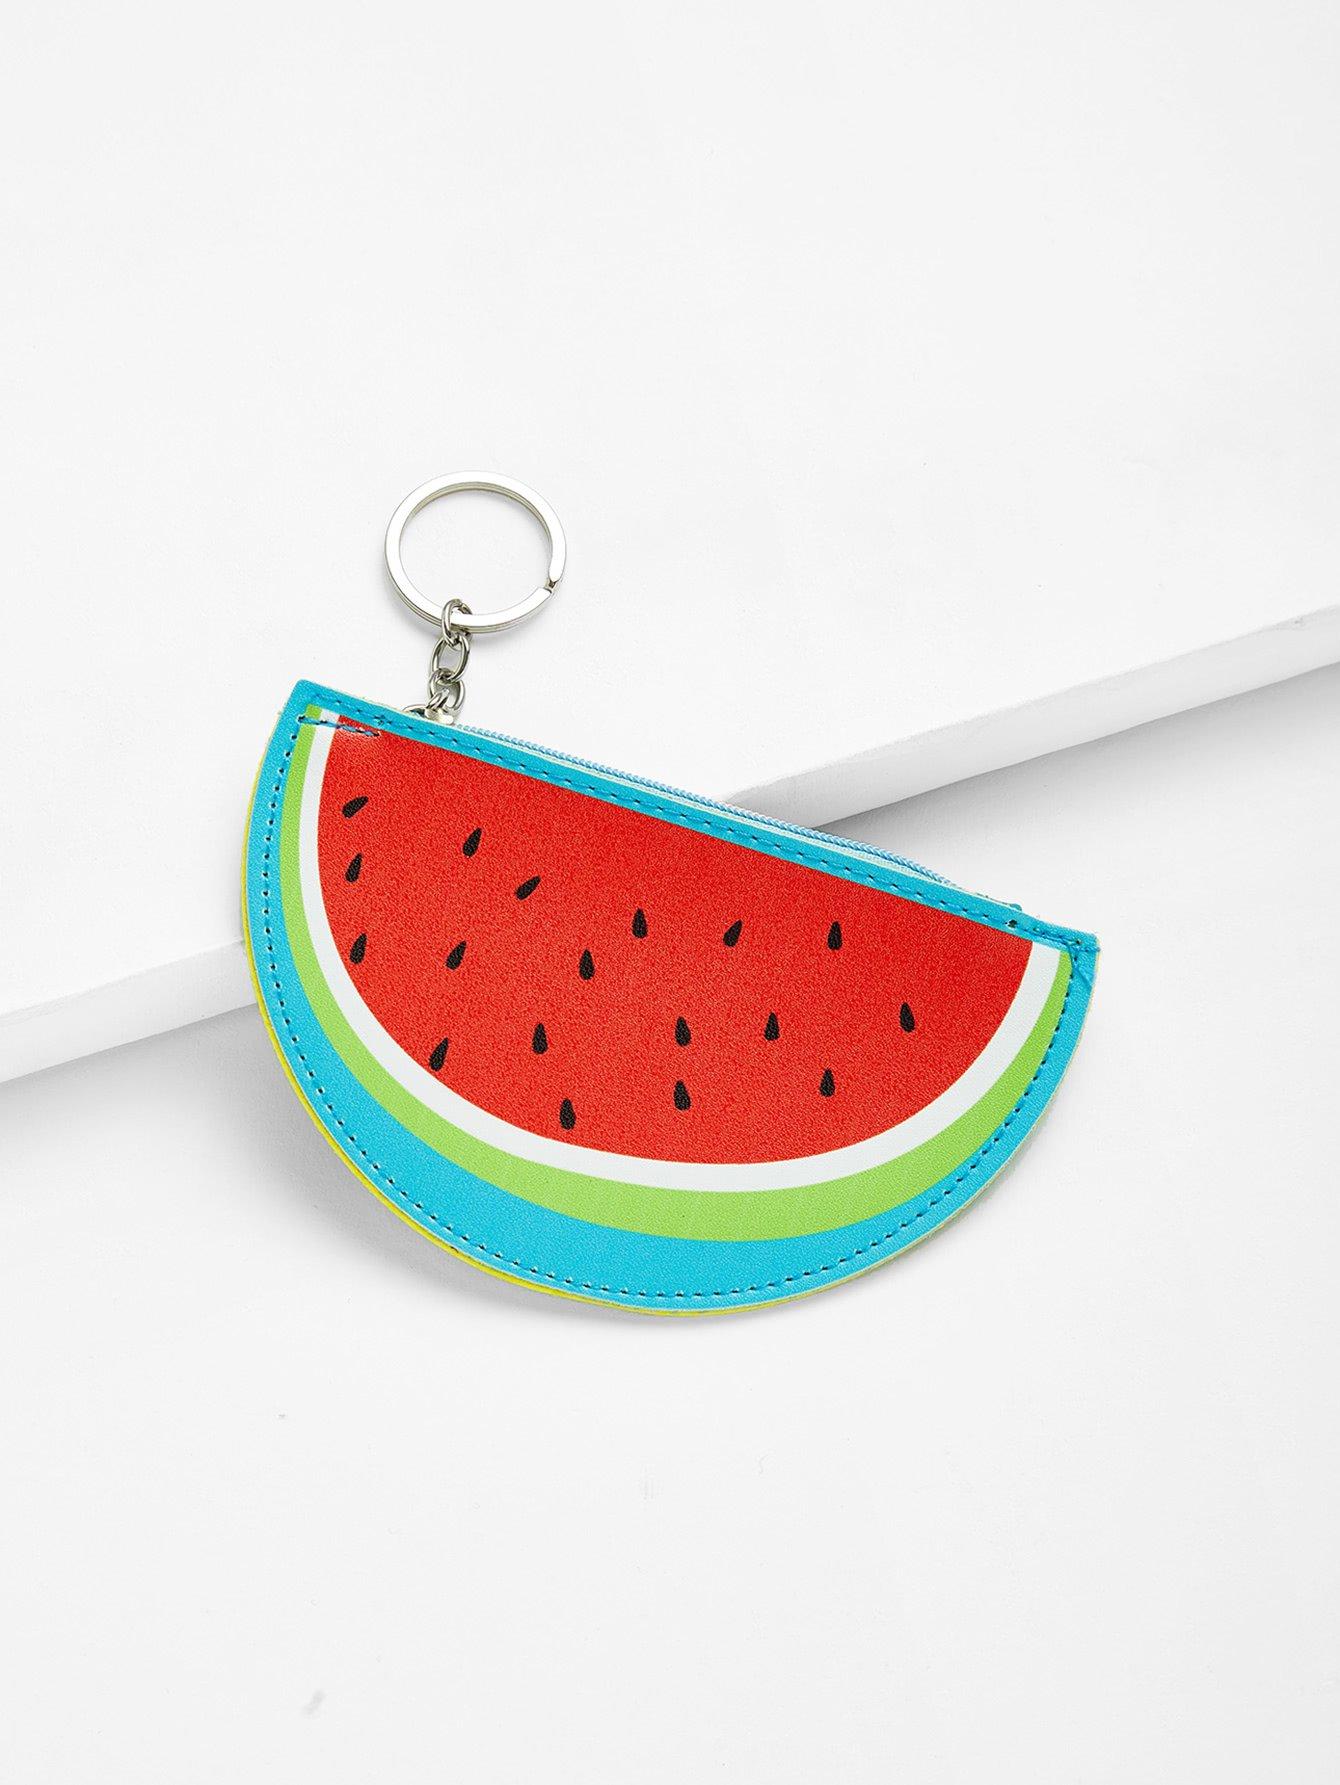 Watermelon Shaped Coin Purse